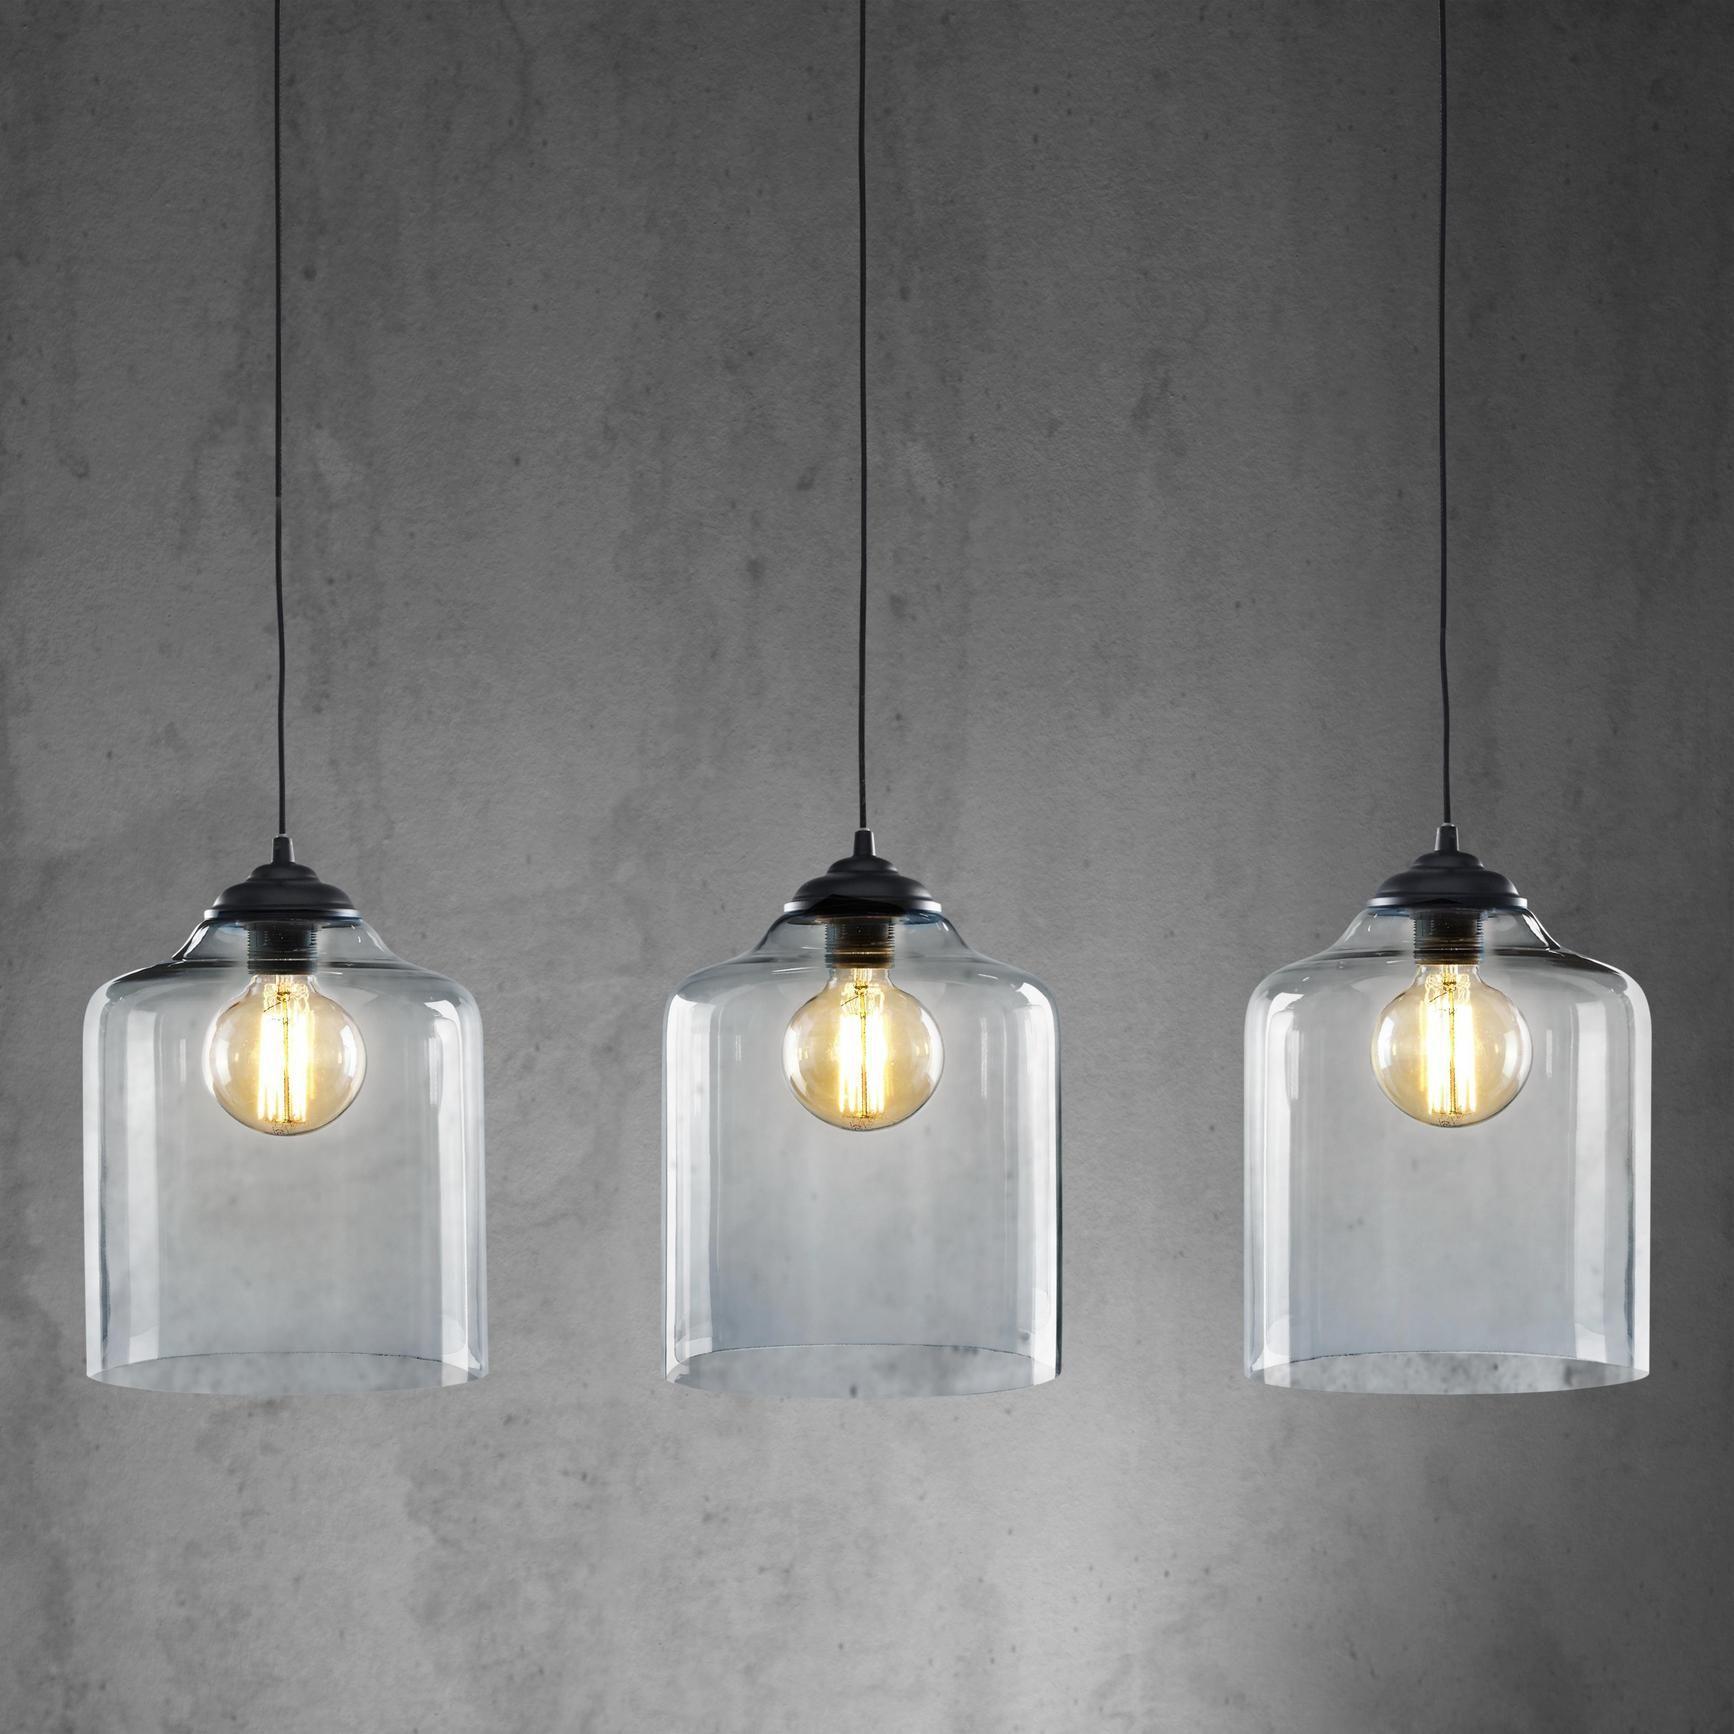 Hängeleuchte Estera online kaufen ➤ mömax  Esstisch beleuchtung